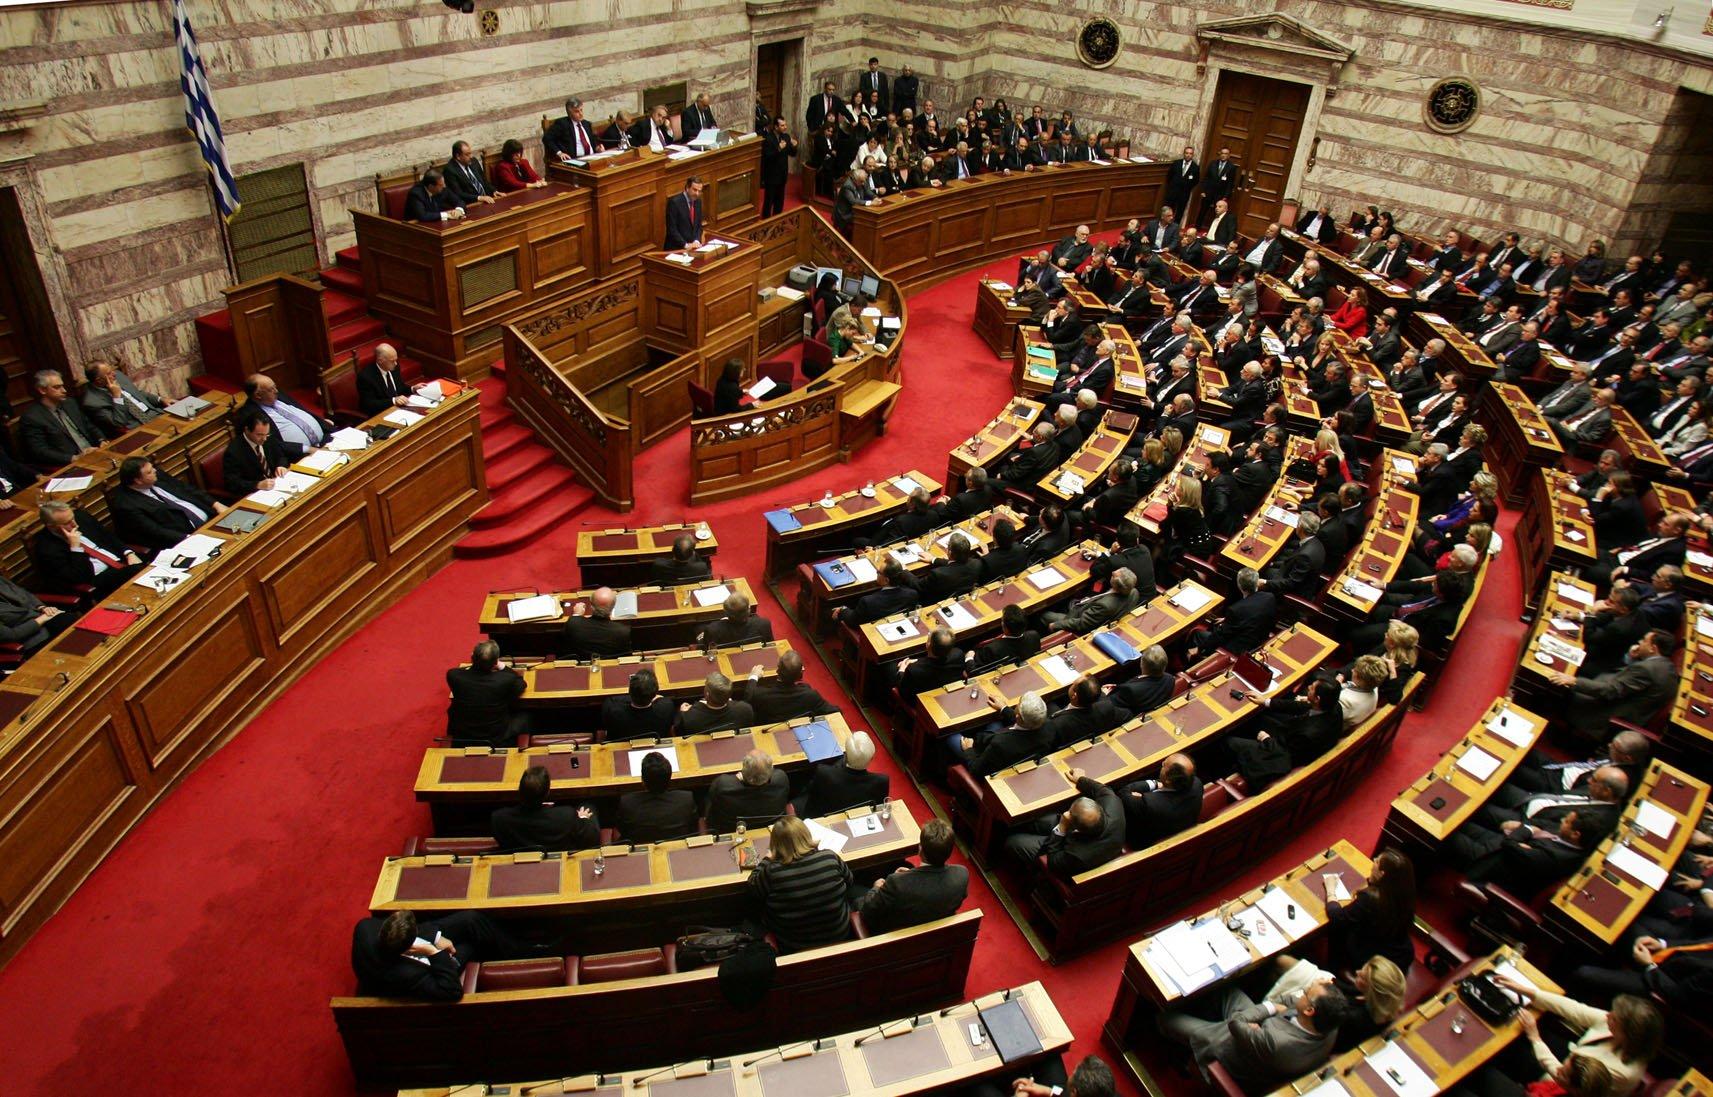 Τι εστί ο ψηφισθείς νόμος για τις δημόσιες συναθροίσεις